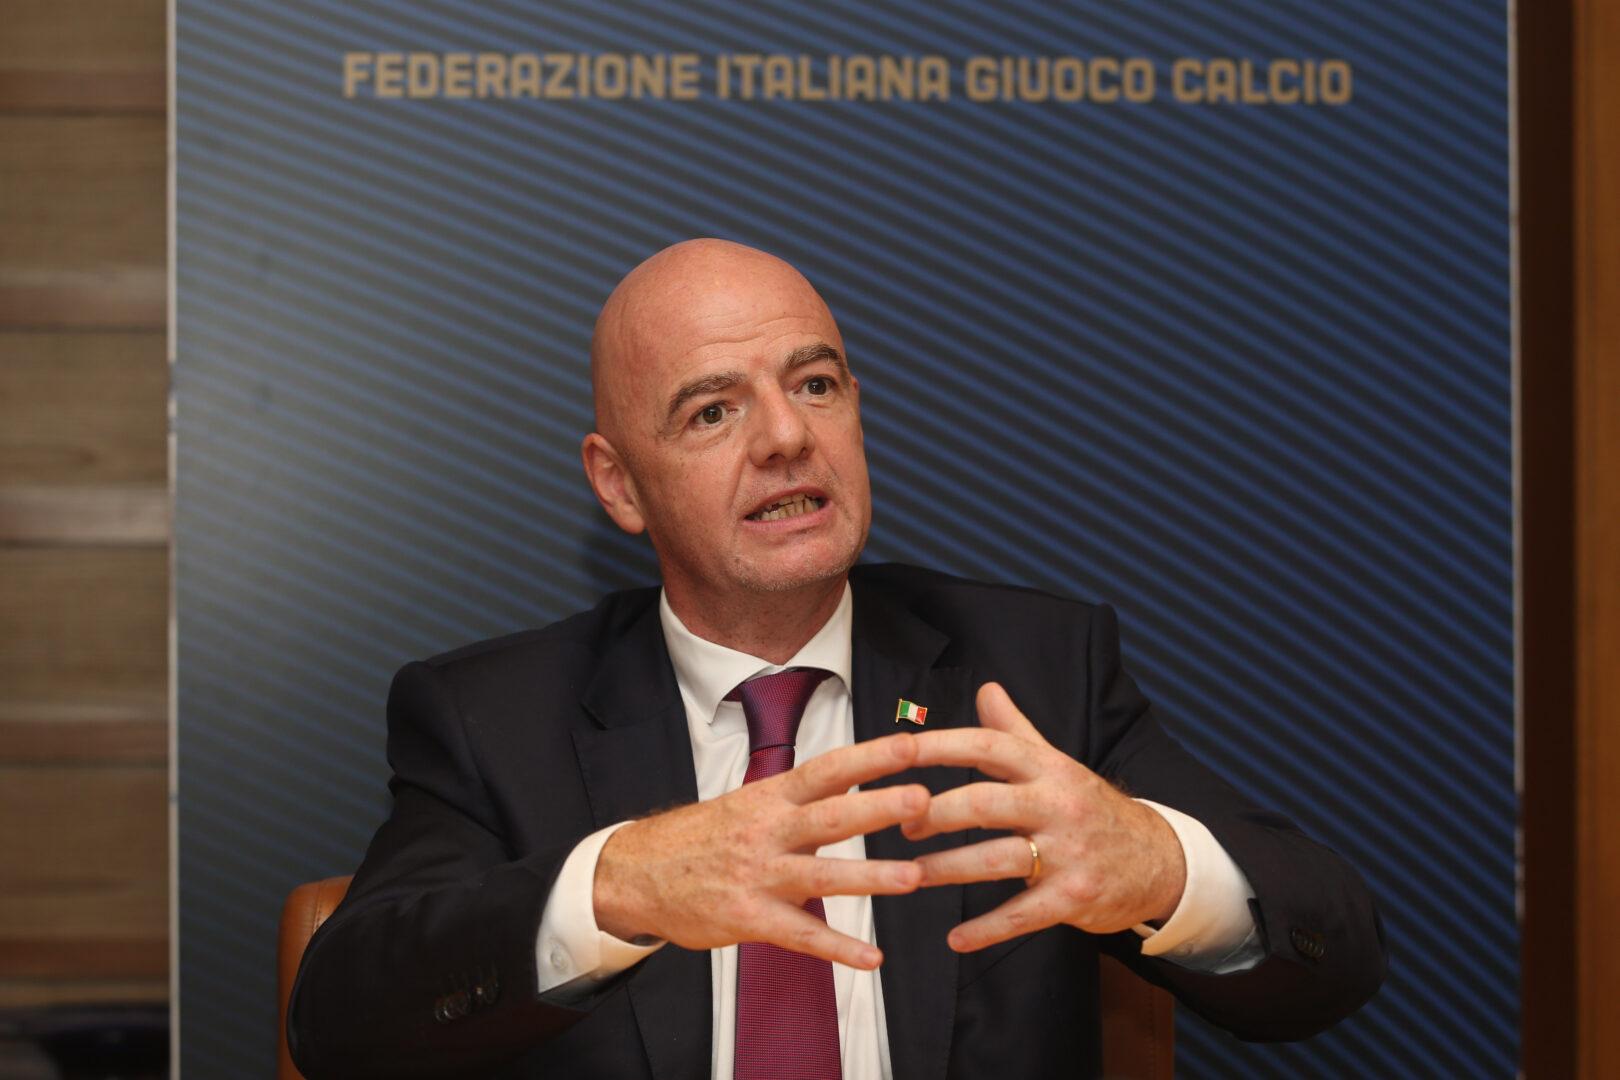 FIFA-Präsident Gianni Infantino auf einer Pressekonferenz.